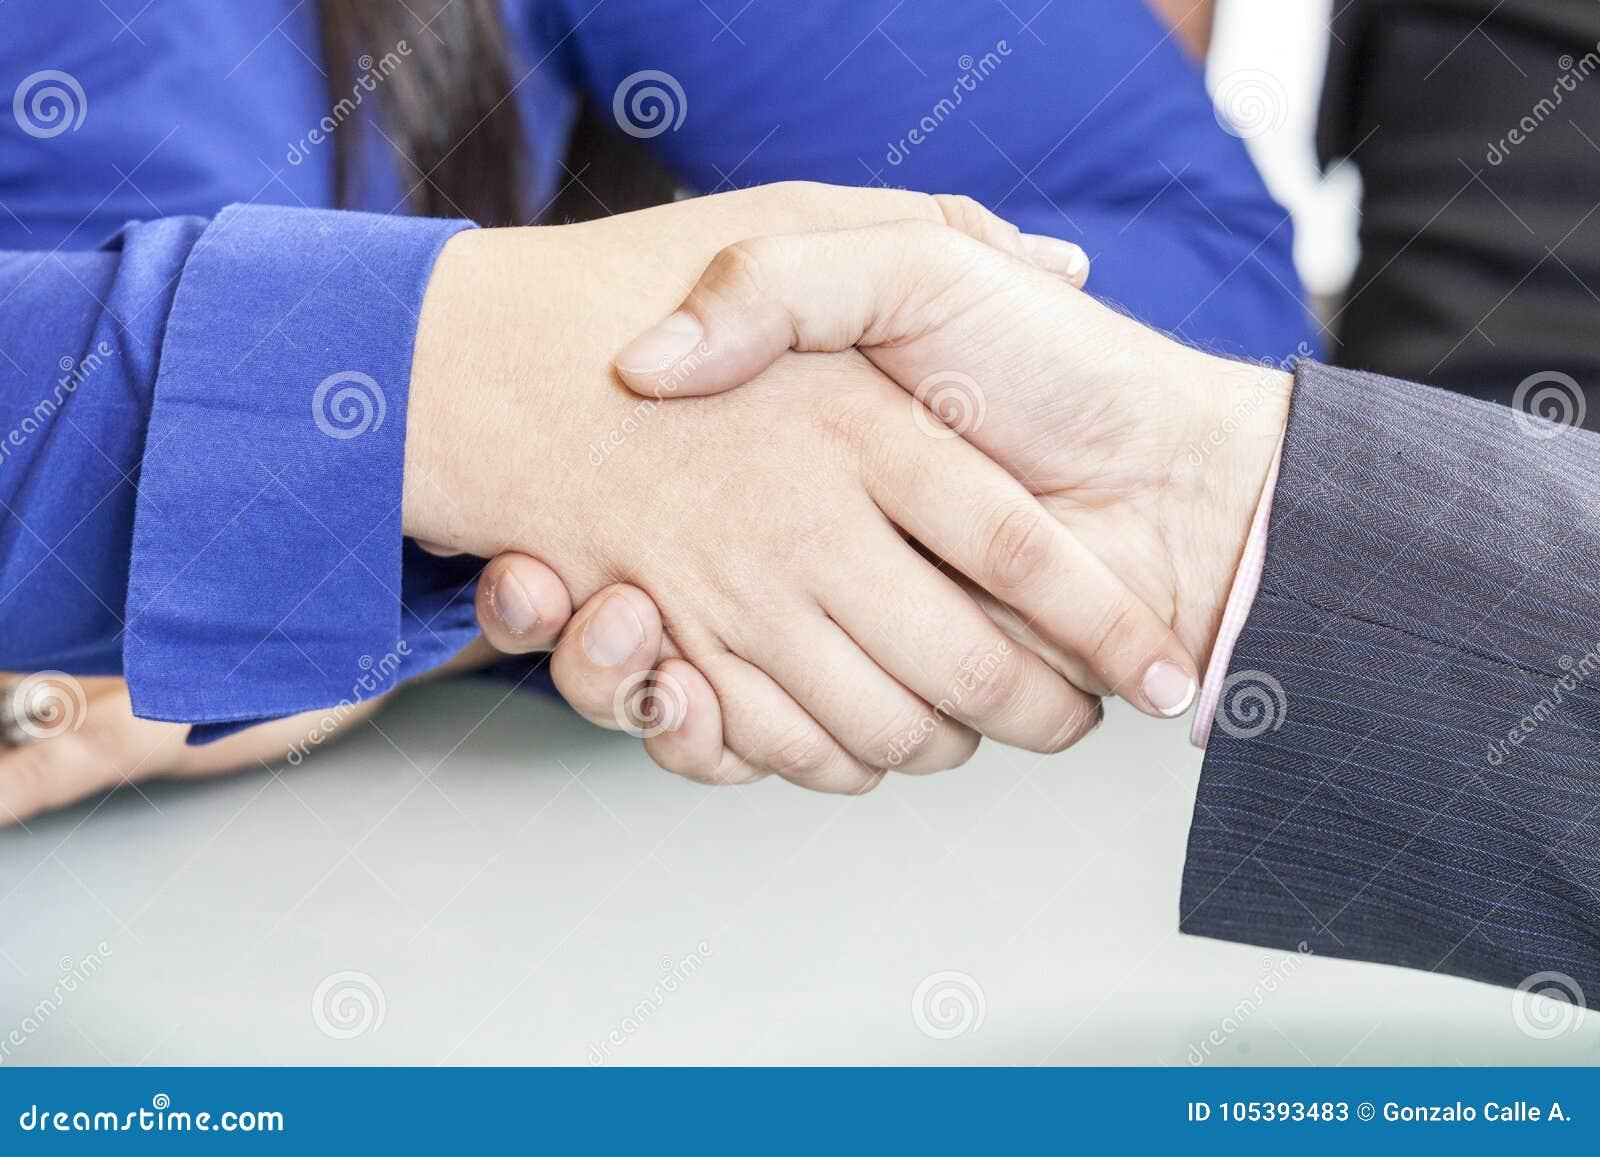 Foto del apretón de manos de socios comerciales después de firmar el contrato